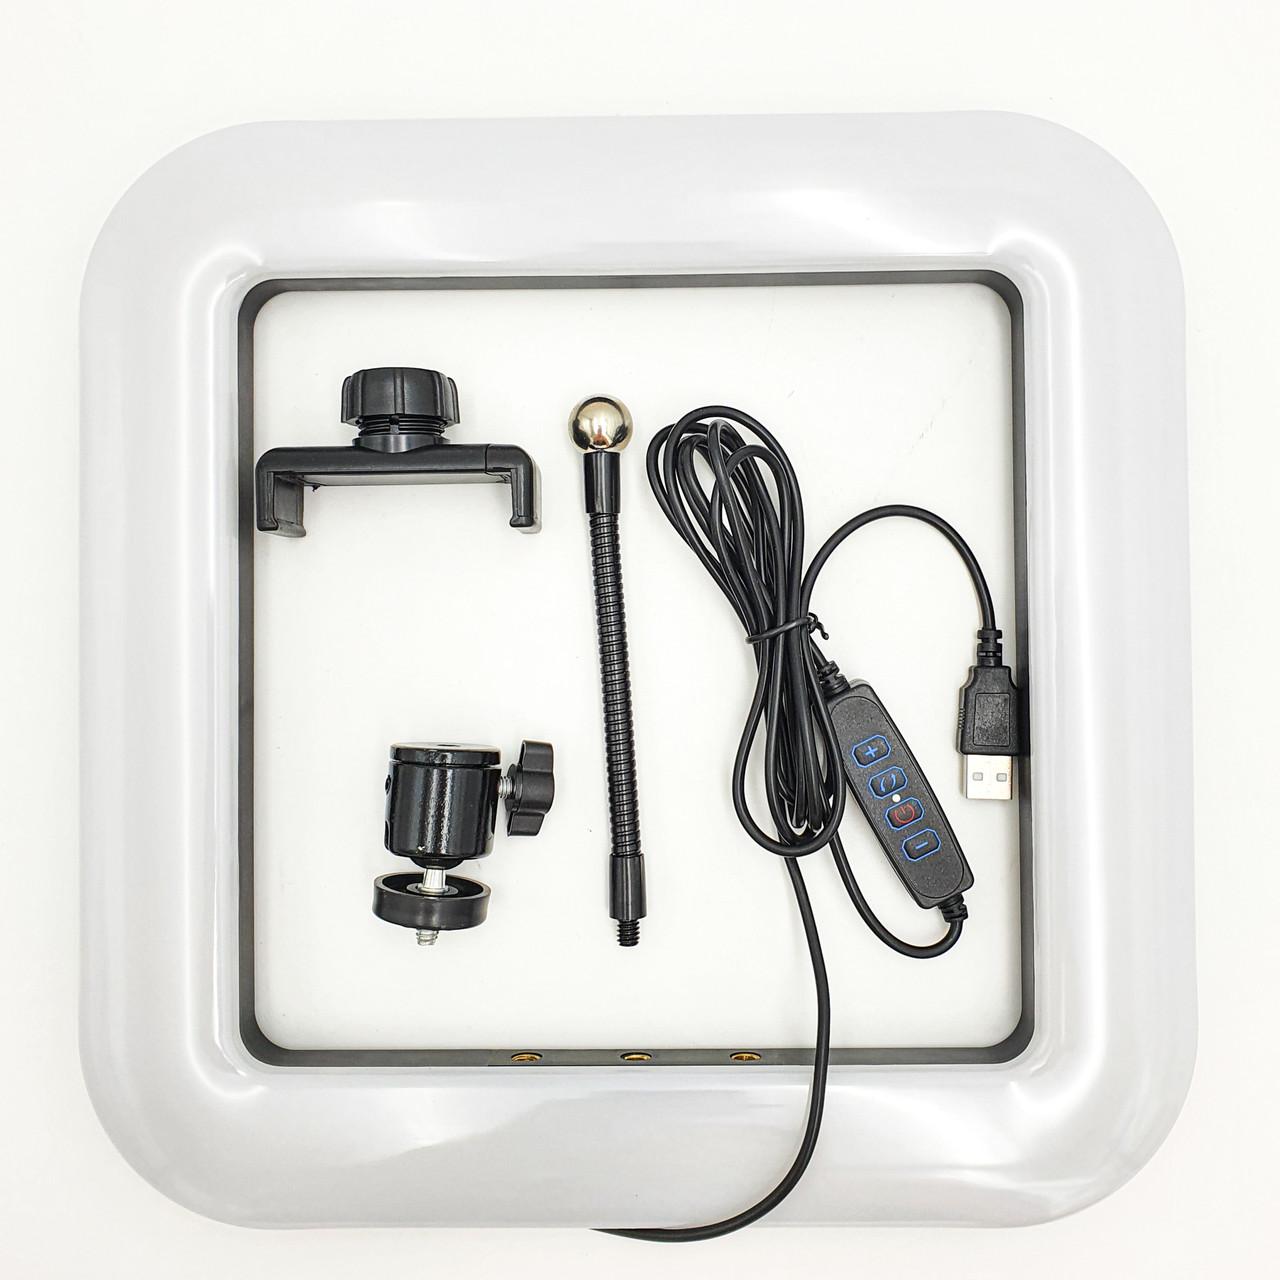 Квадратна LED лампа 28 см 34W з тримачем для телефону селфи кільце блогера регулювання яскравості і температури світіння D35